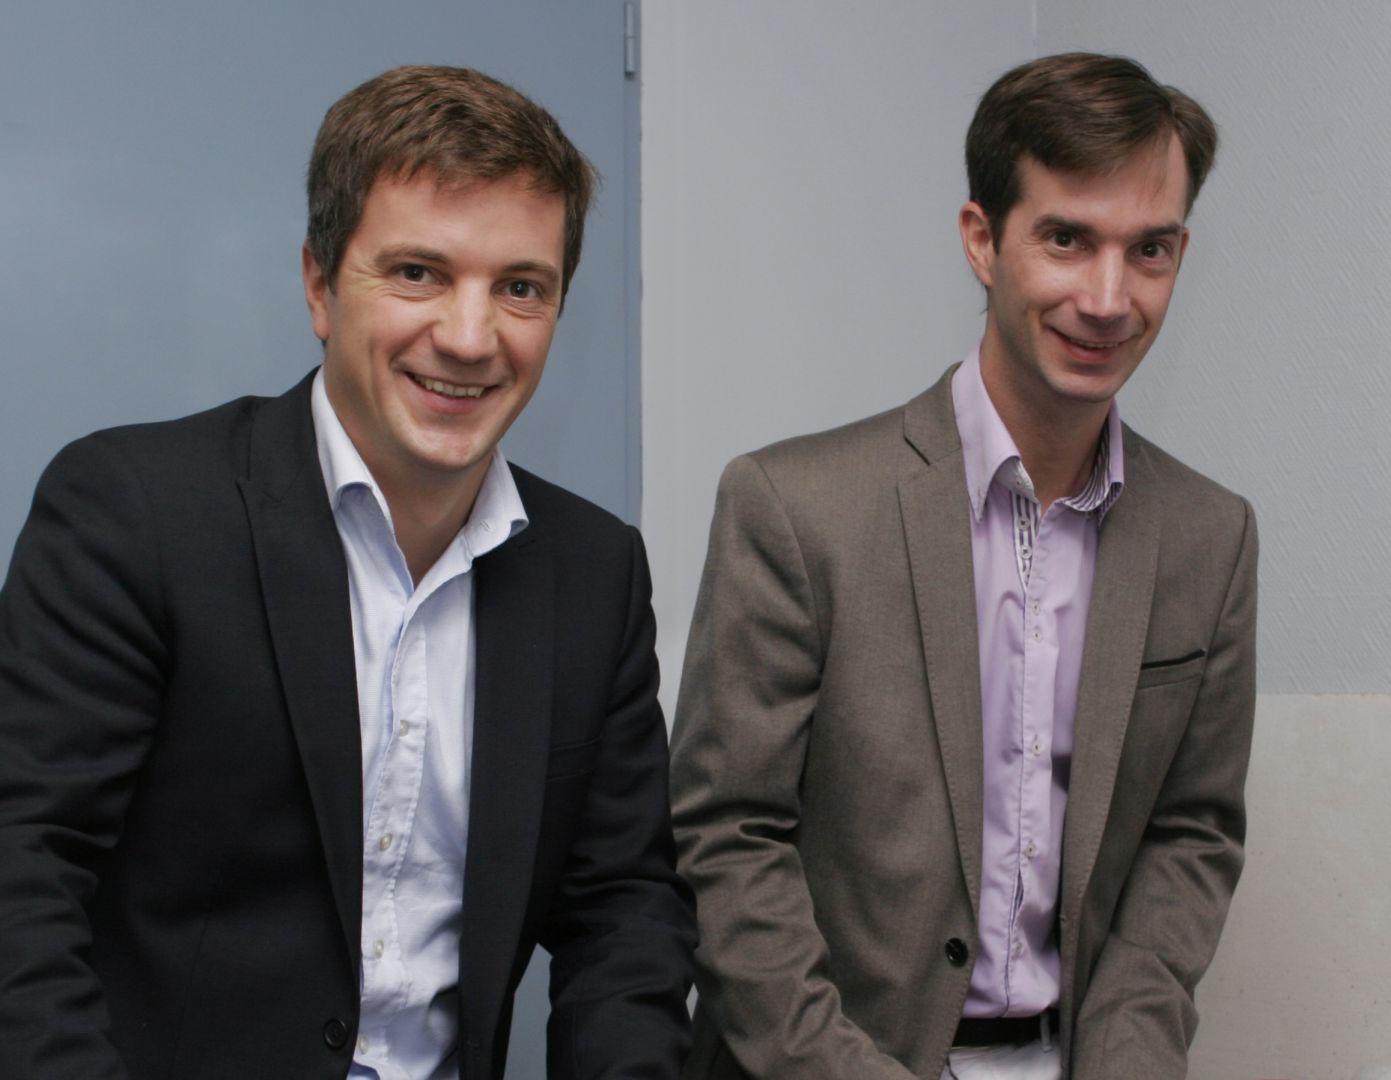 Le groupe DP Logiciels renforce son expertise dans les logiciels immobiliers avec l'acquisition de Rodacom